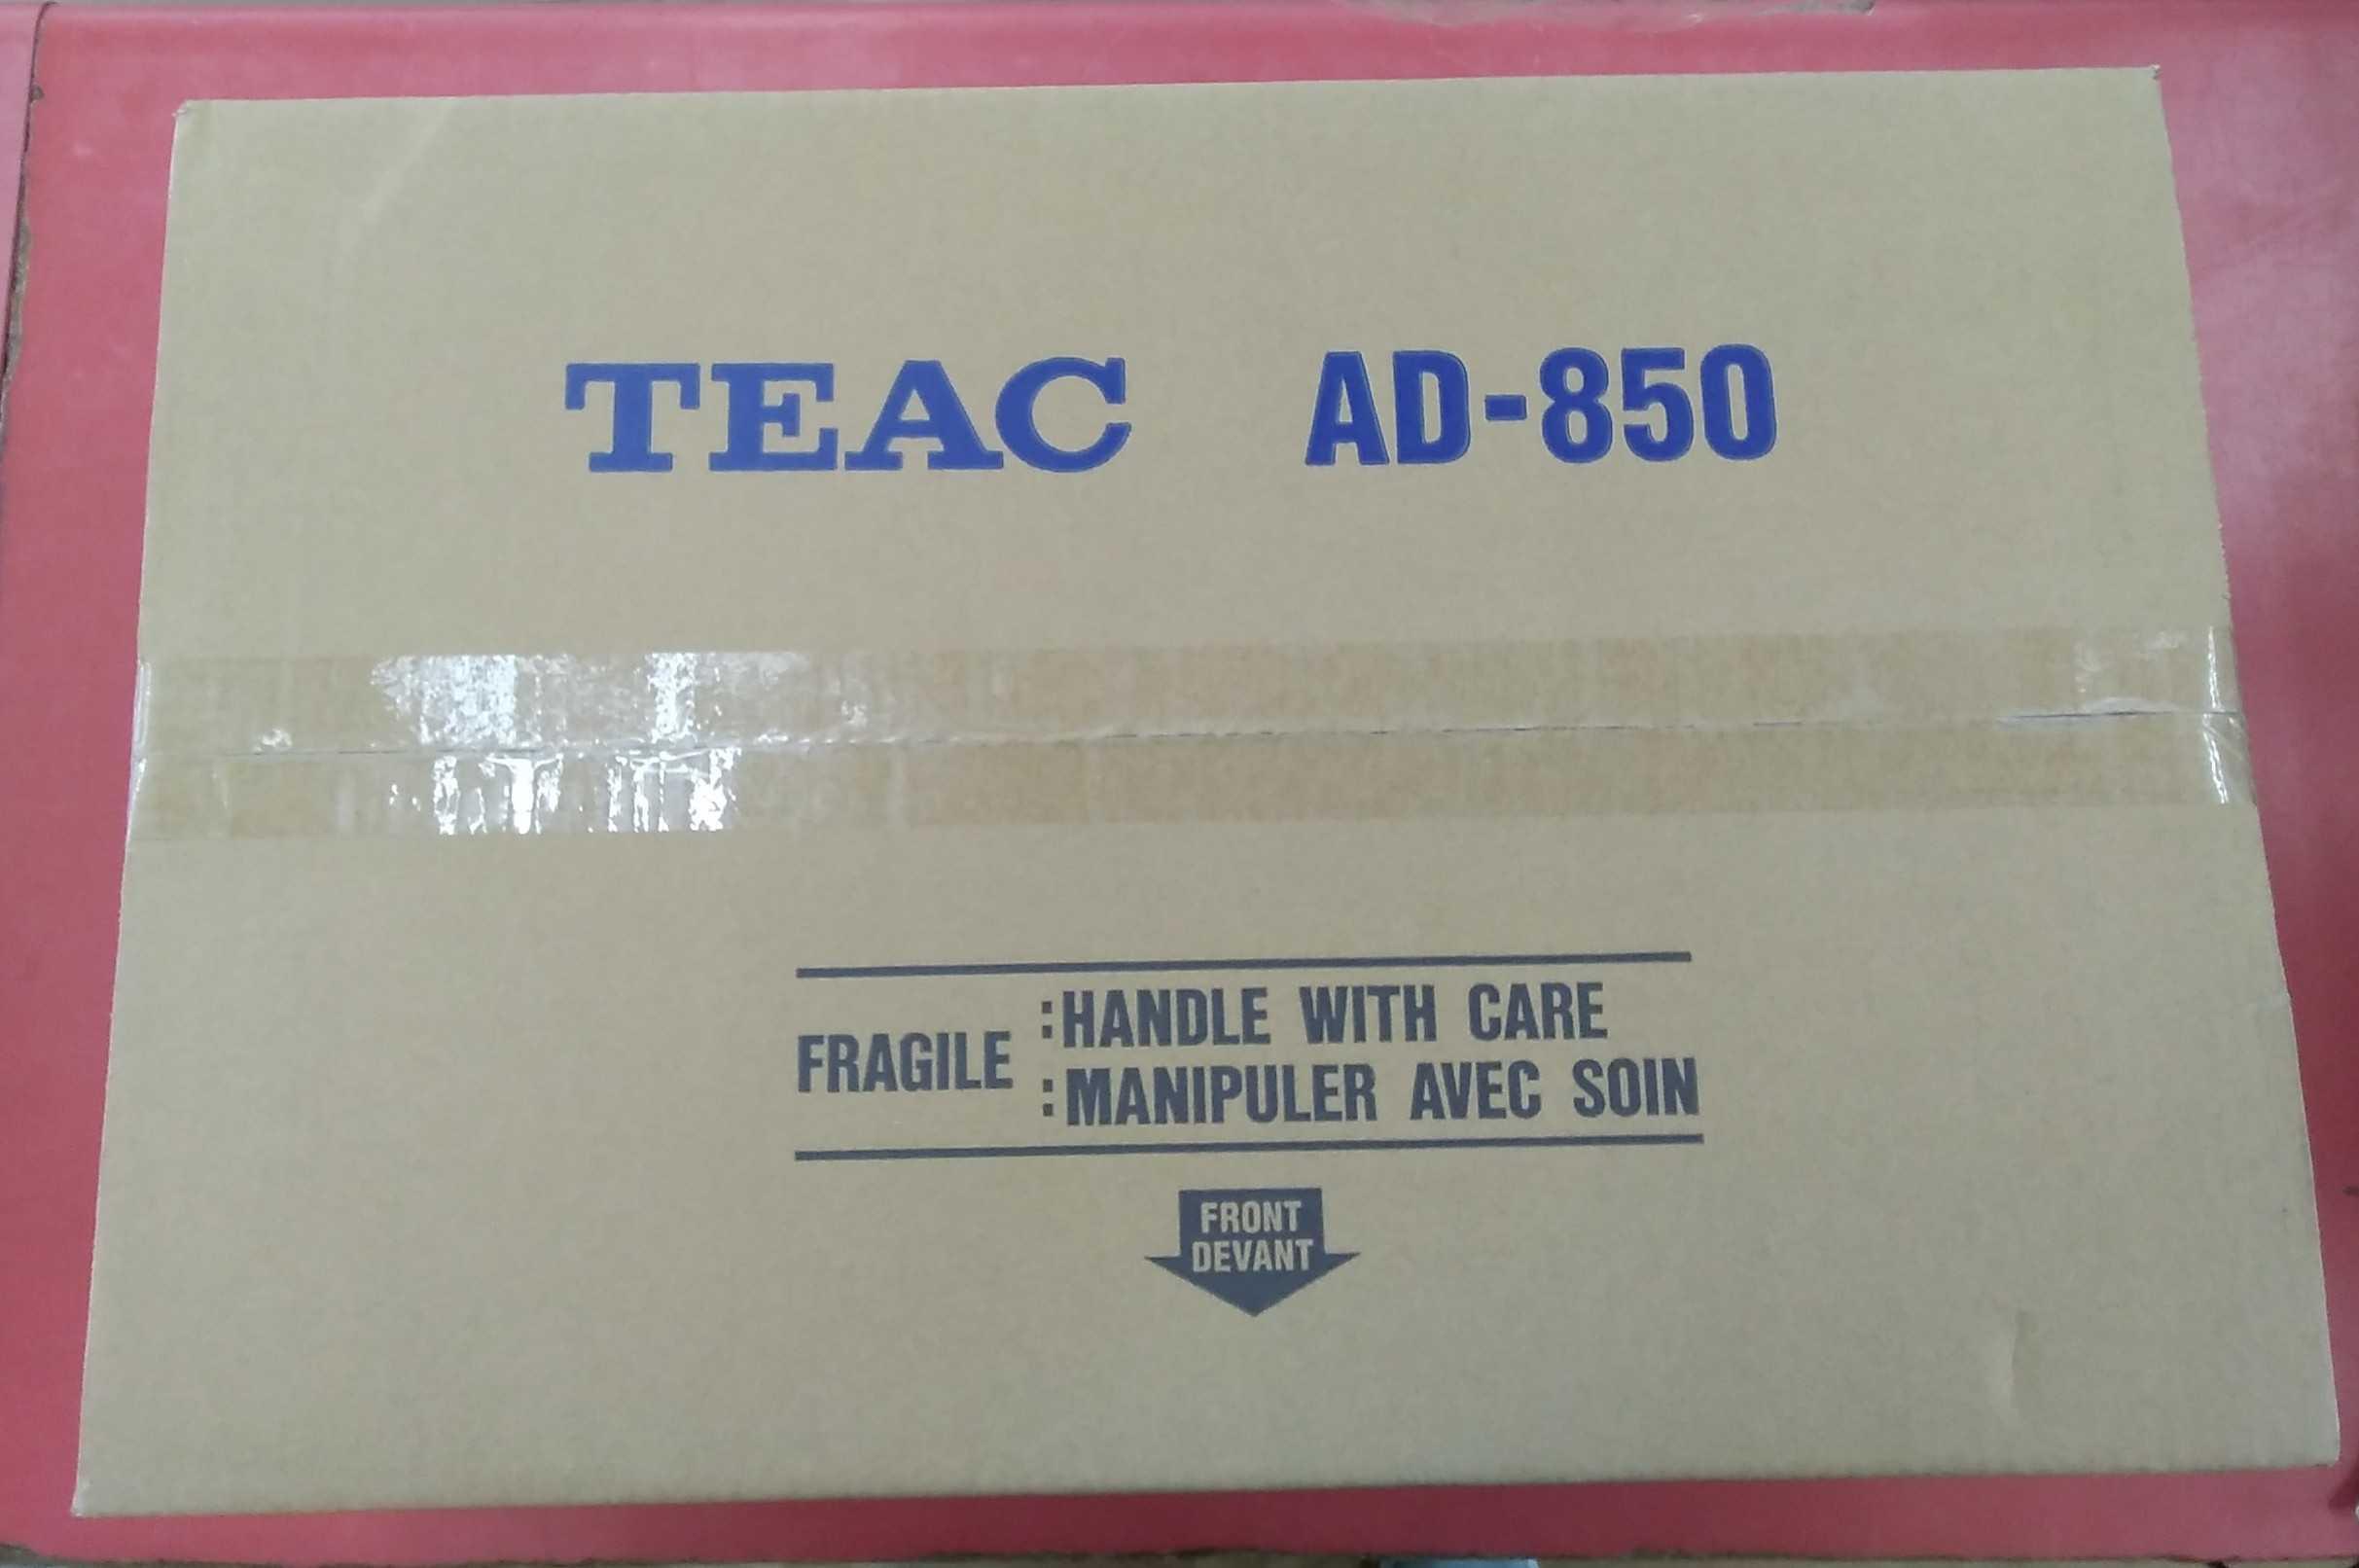 カセット/CD|TEAC